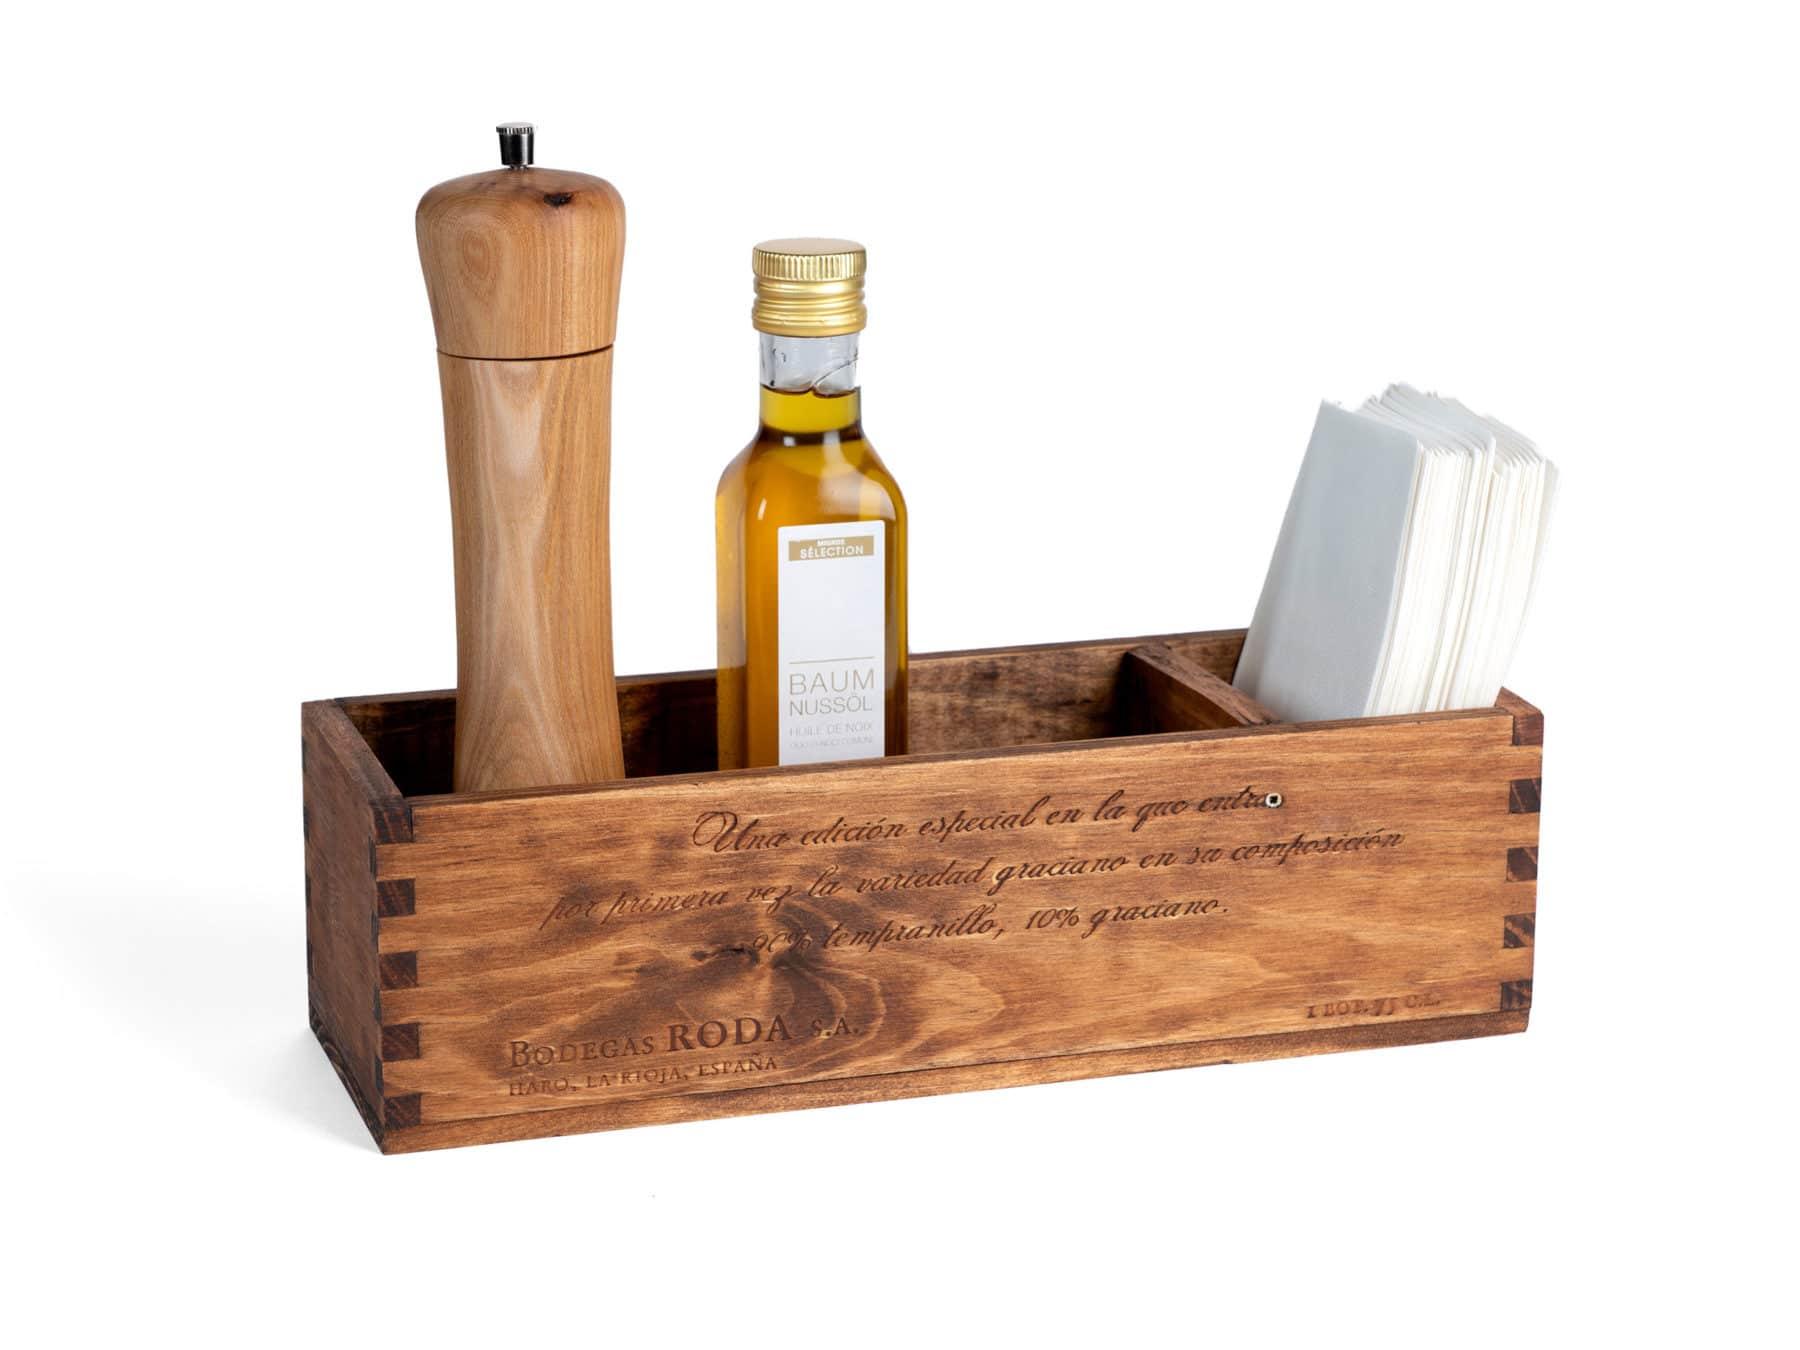 Tischaccessoire aus alter Weinkiste von Uniqamo in Gebrauch | swissmade | handmade KURTS.ch (2)